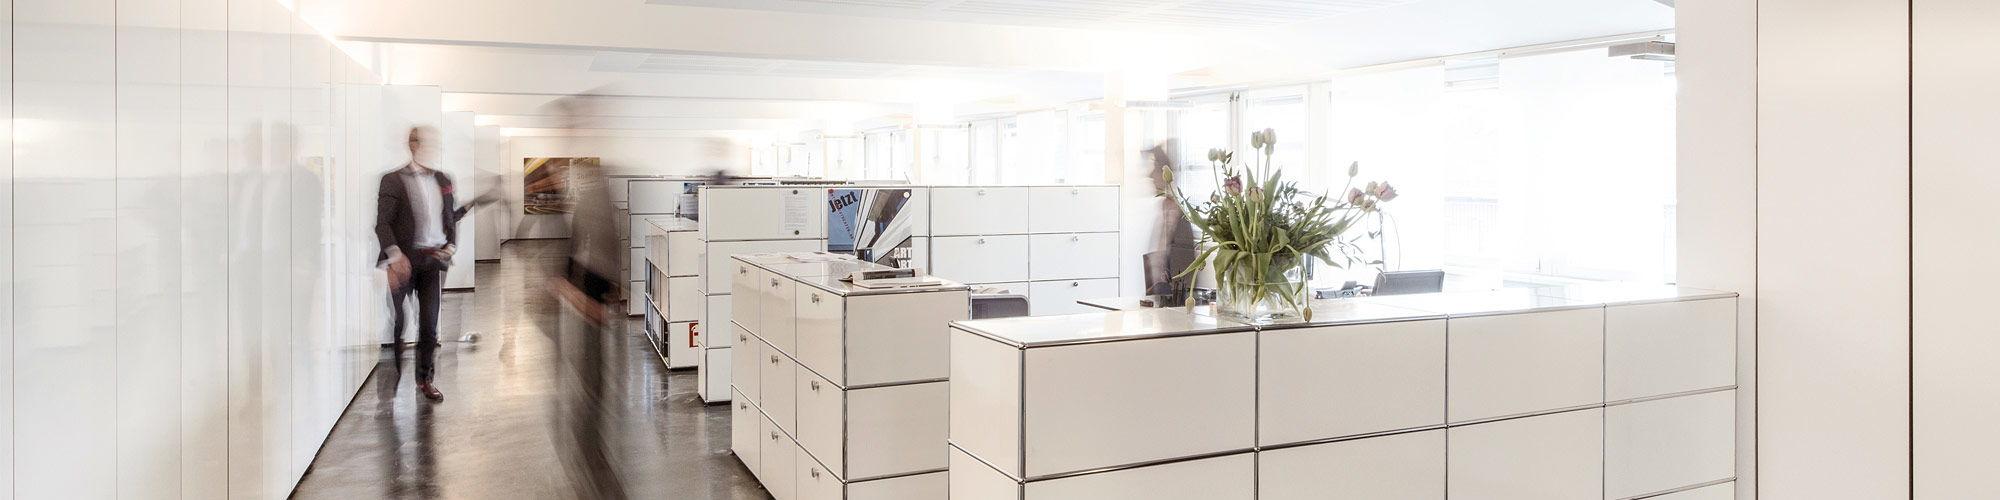 Fischer Architekten GmbH   New Monday Jobs